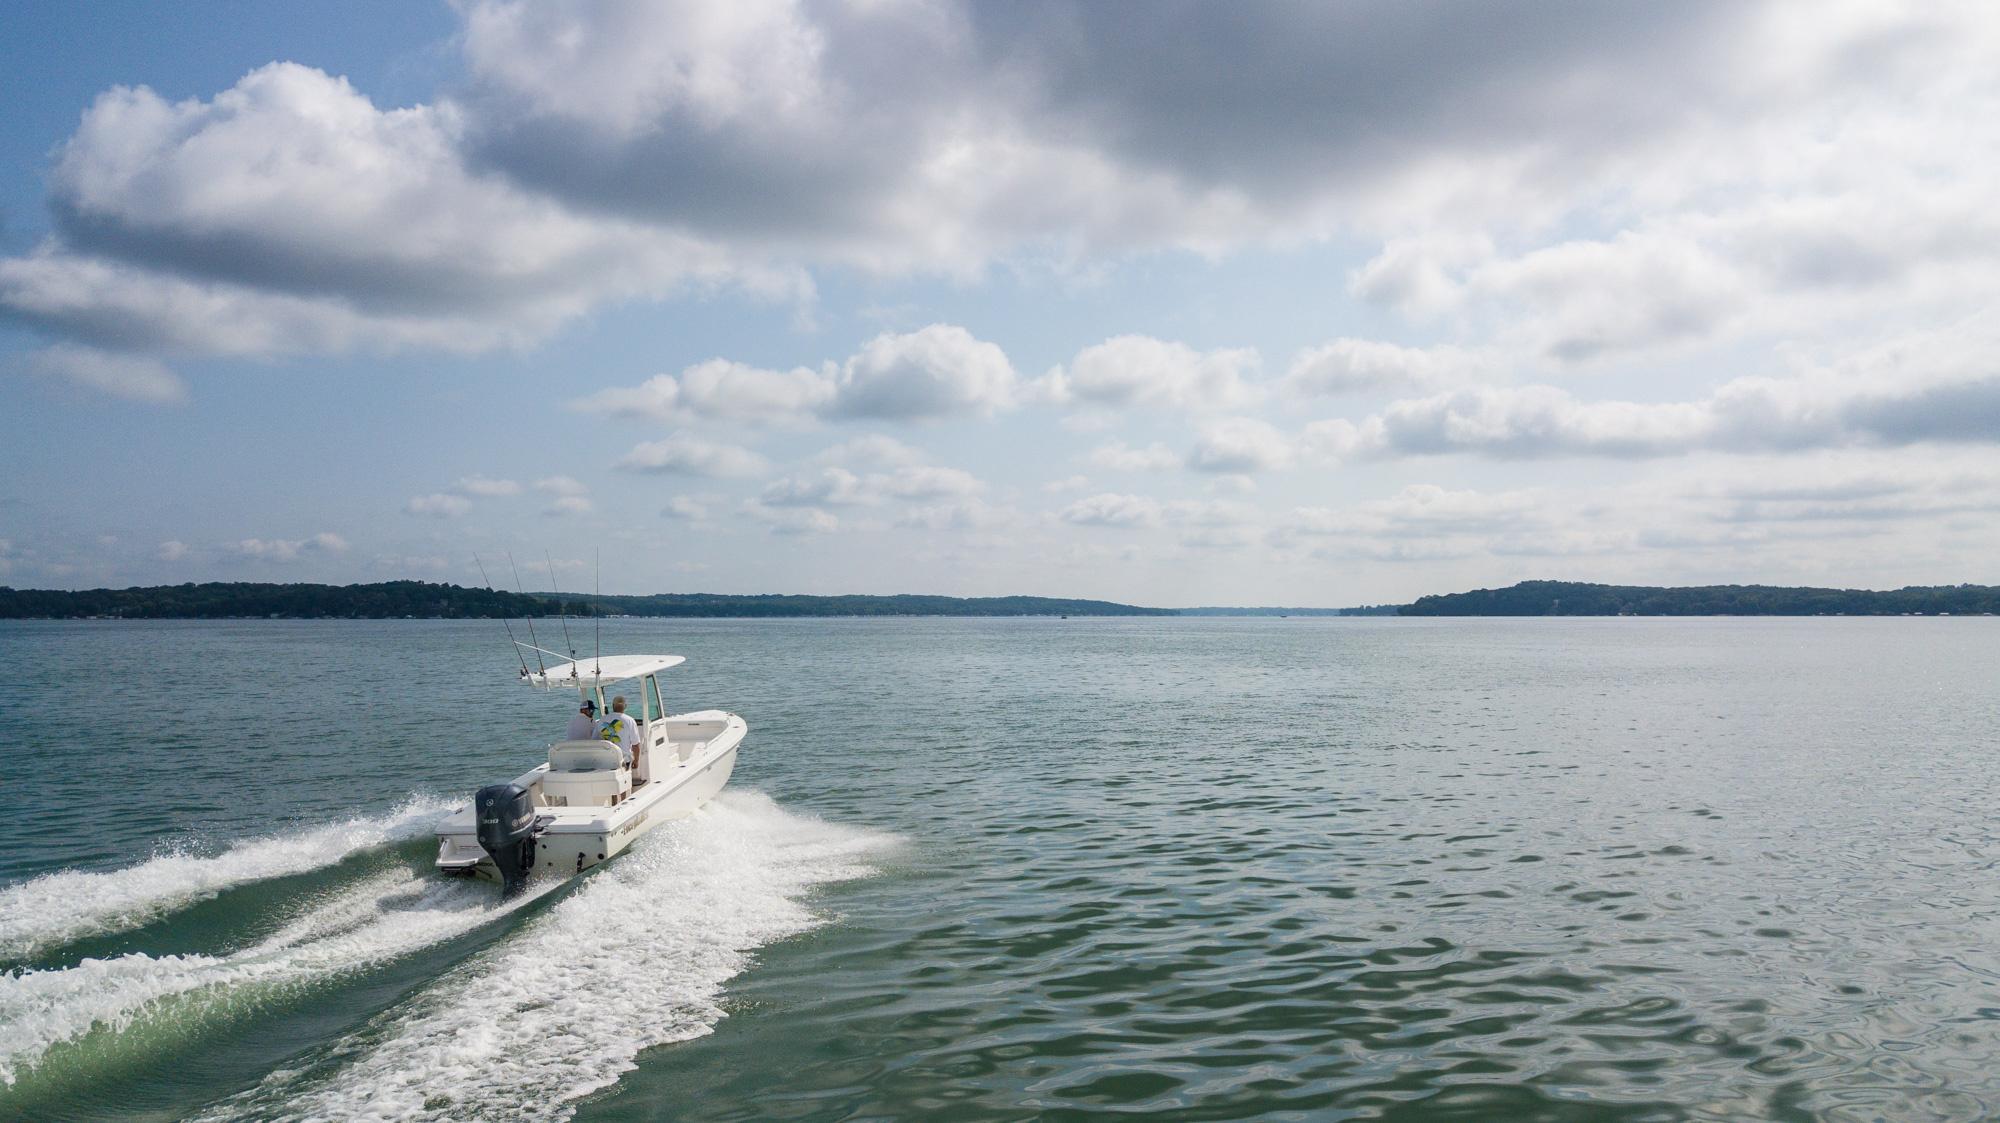 U S Boat Sales Rise 4 Percent In 2018 Reaching Highest